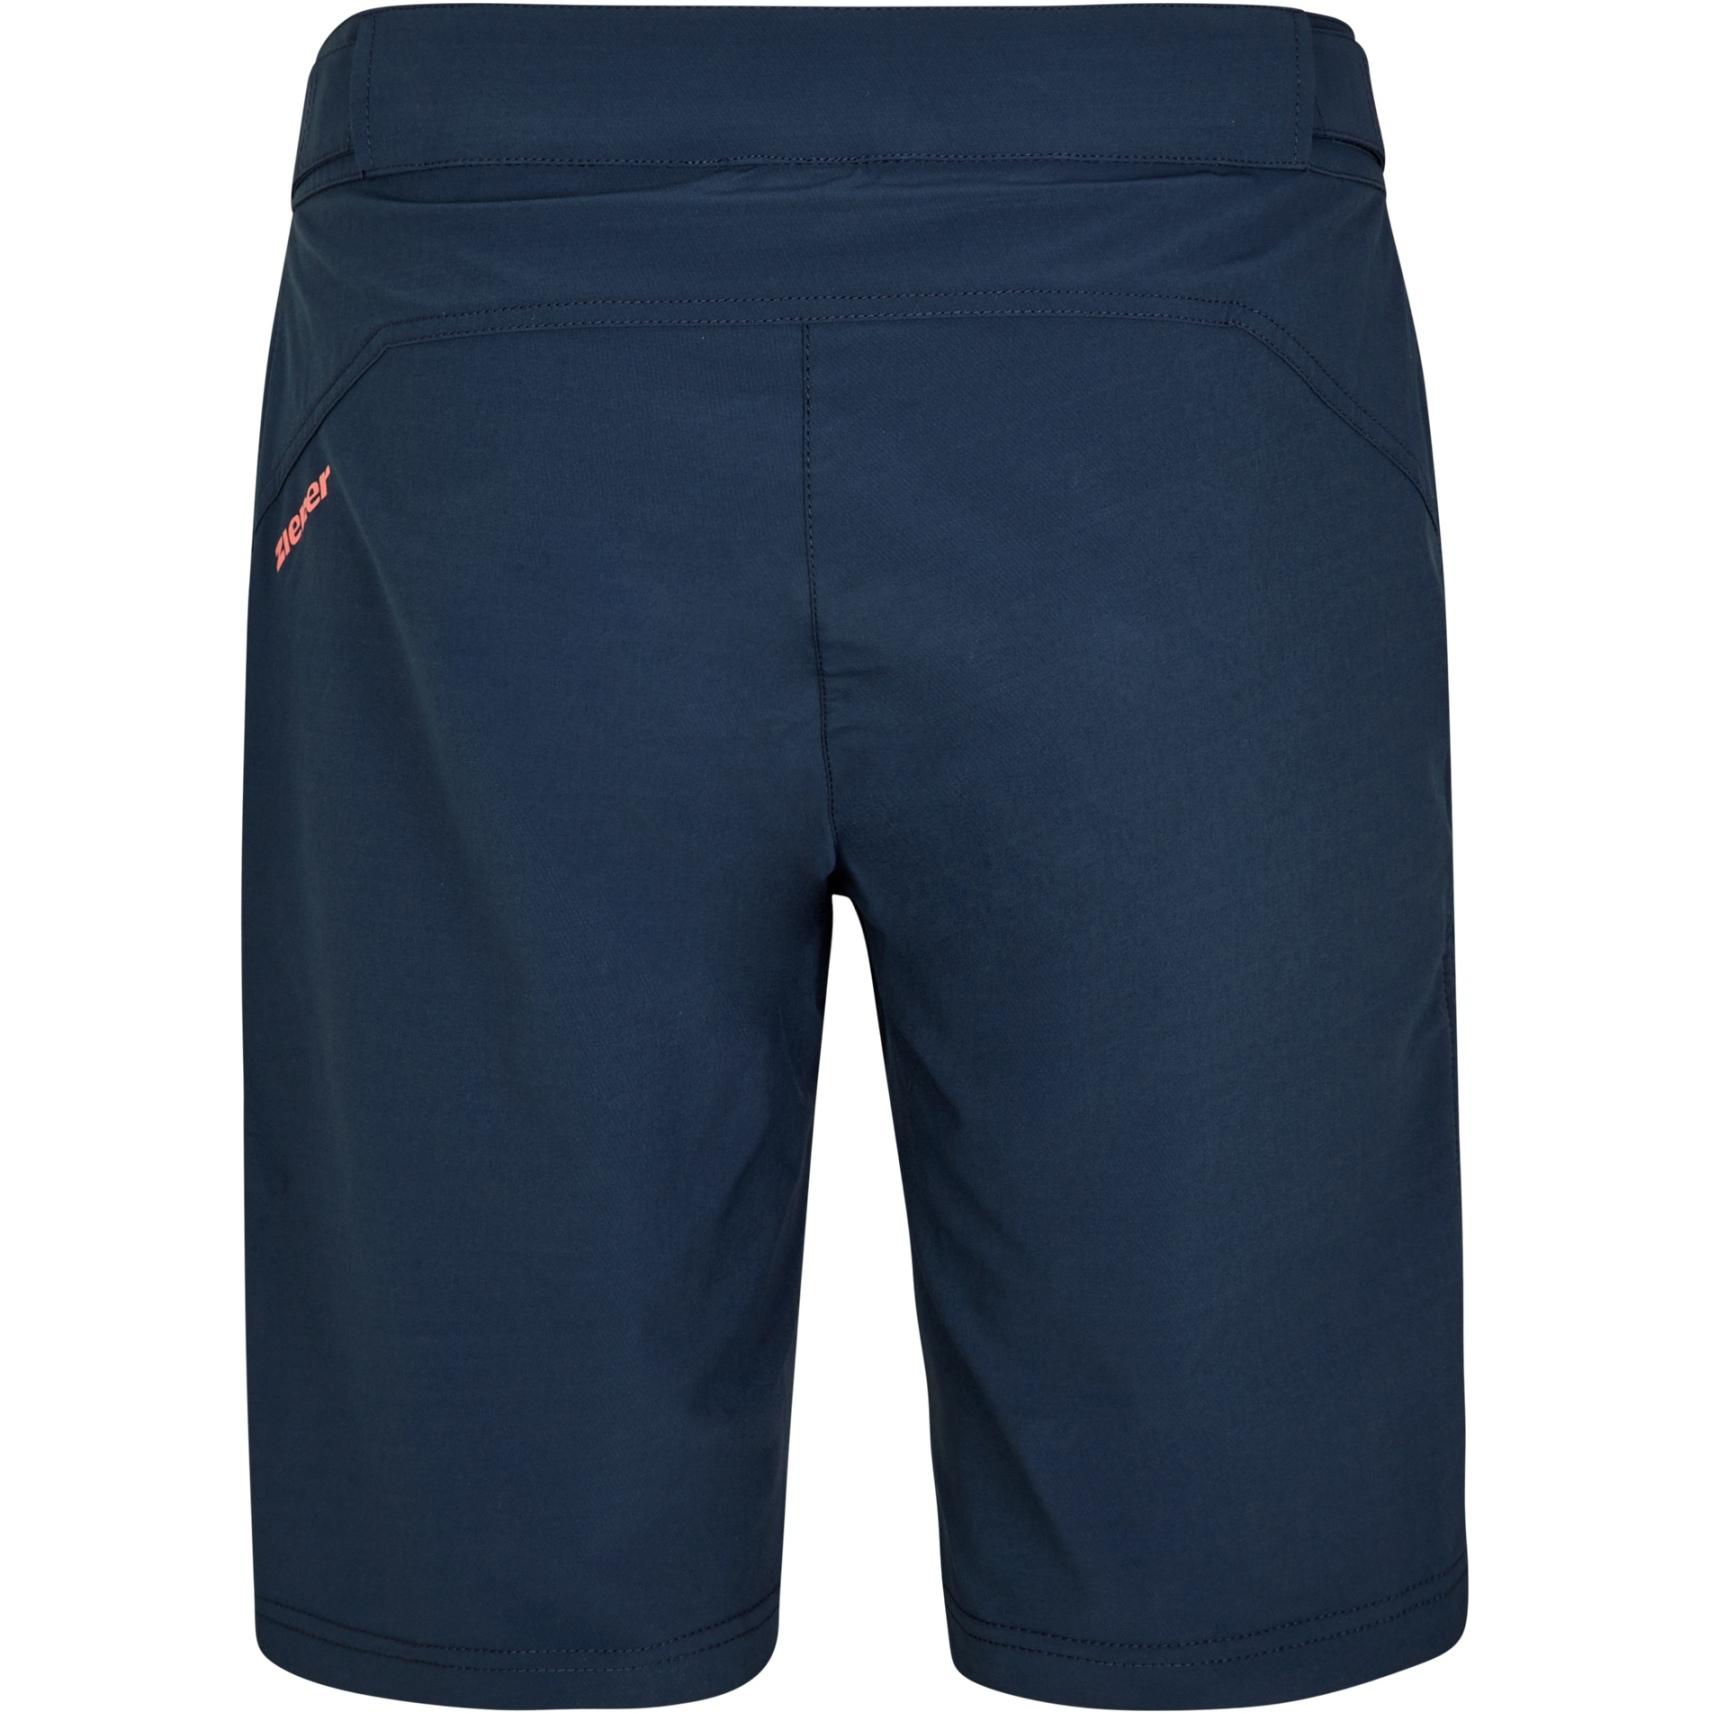 Bild von Ziener Nivia X-Function Damen Shorts - dark navy